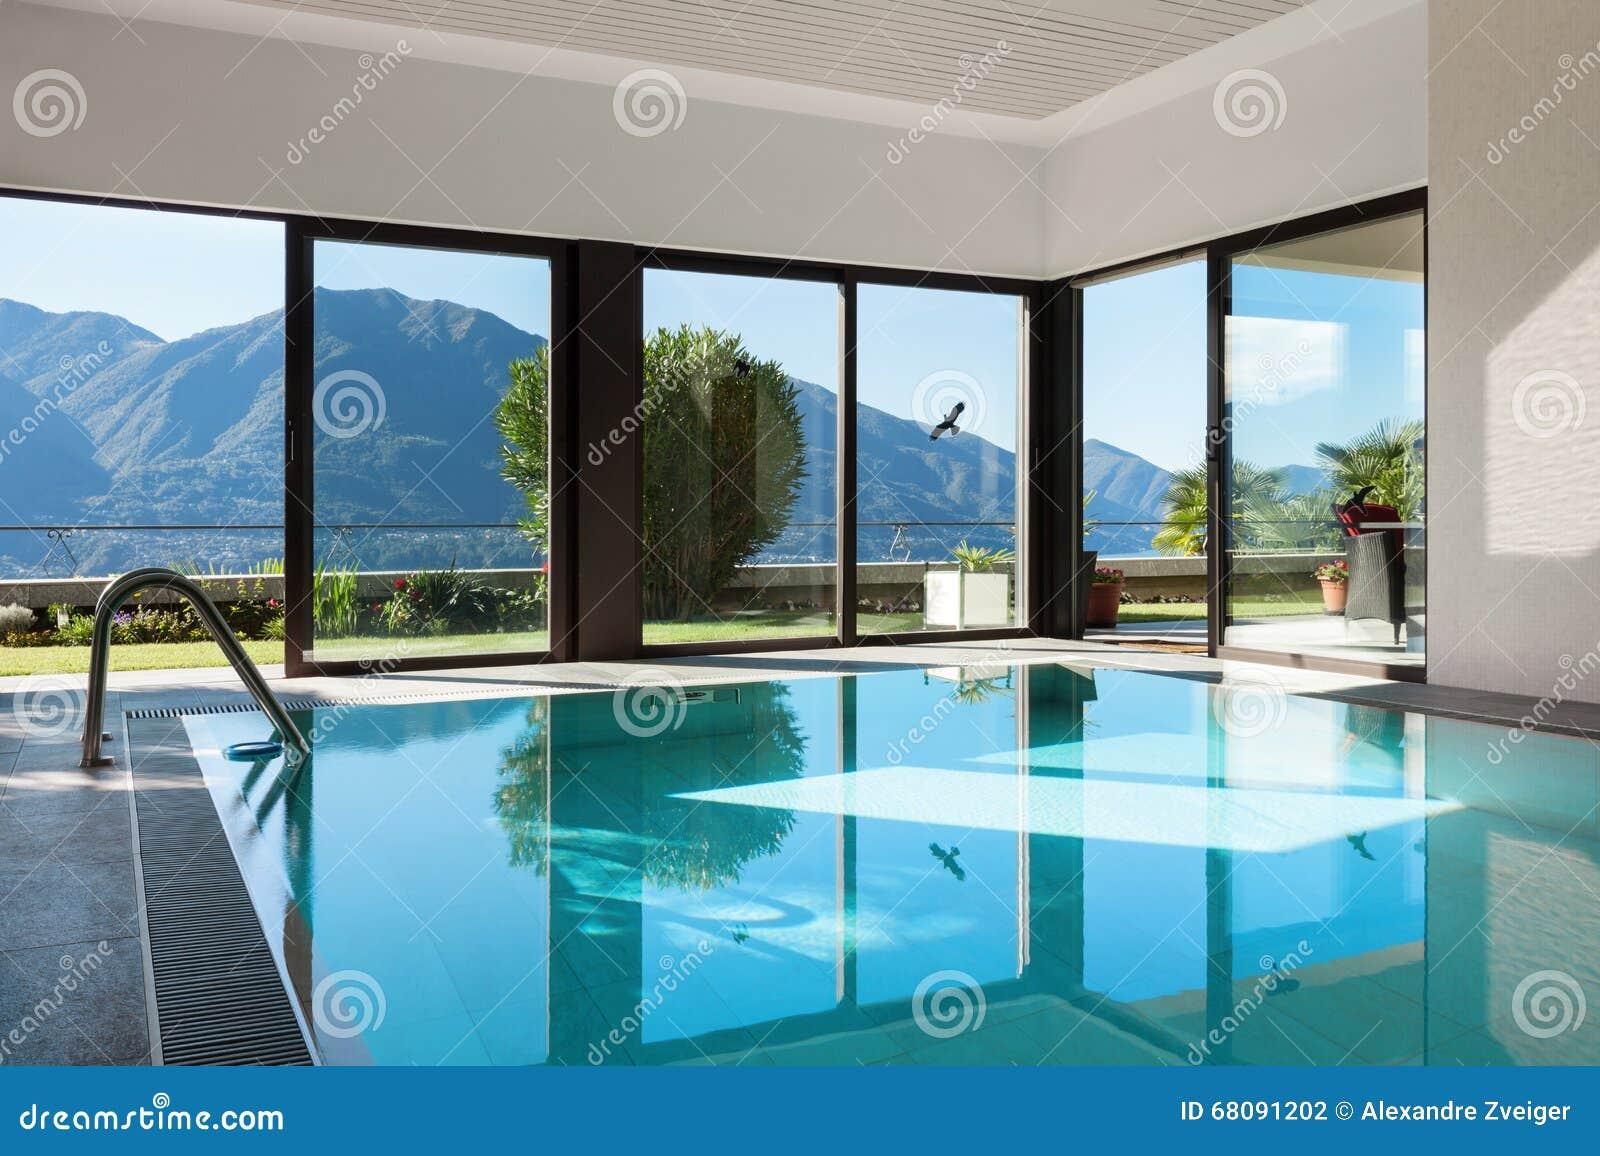 Casa piscina interna foto de stock imagem 68091202 - Casas con piscina interior ...